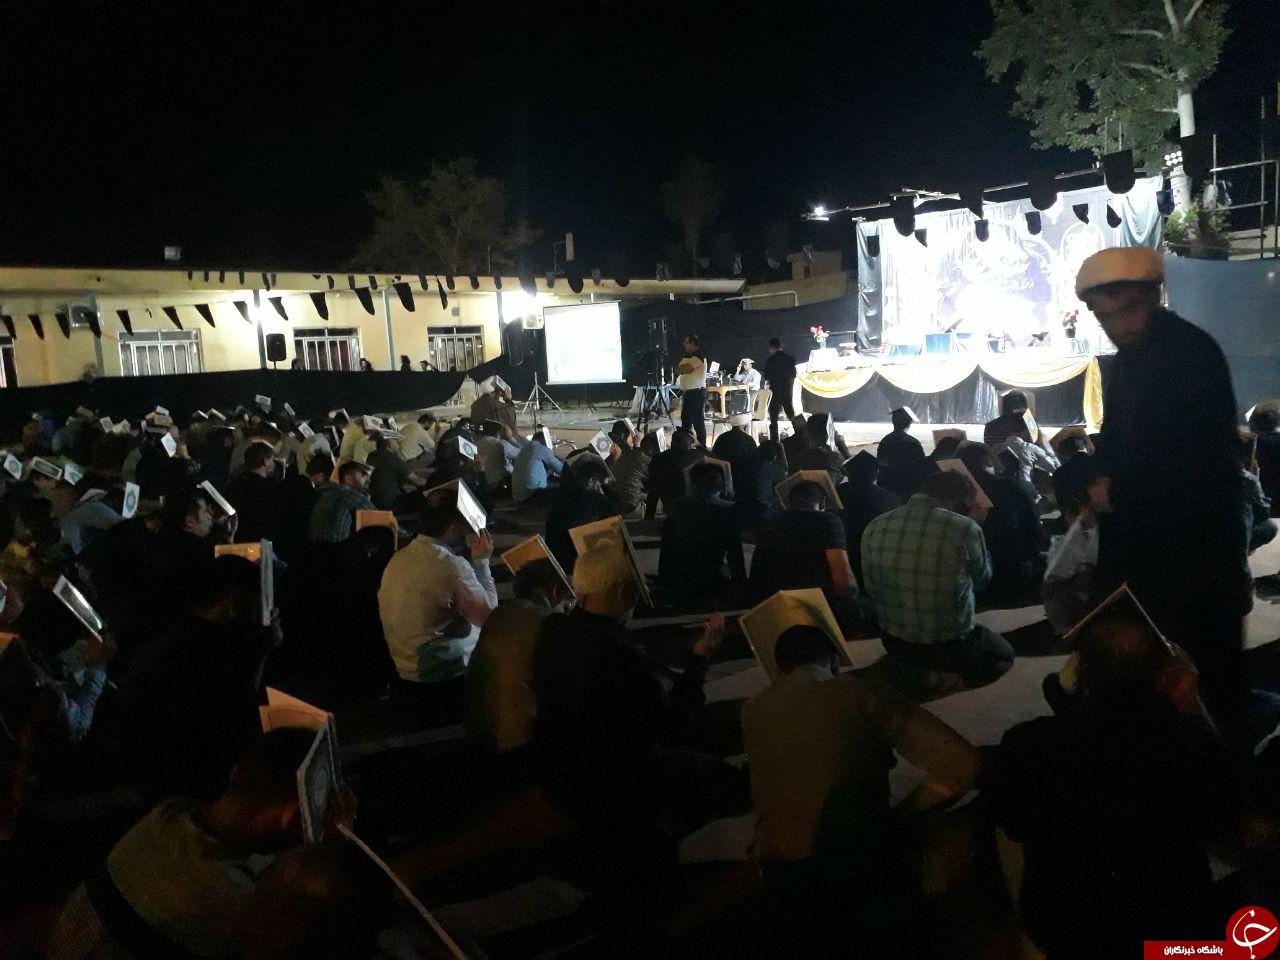 برگزاری مراسم احیای شب قدر در گلستان + تصاویر